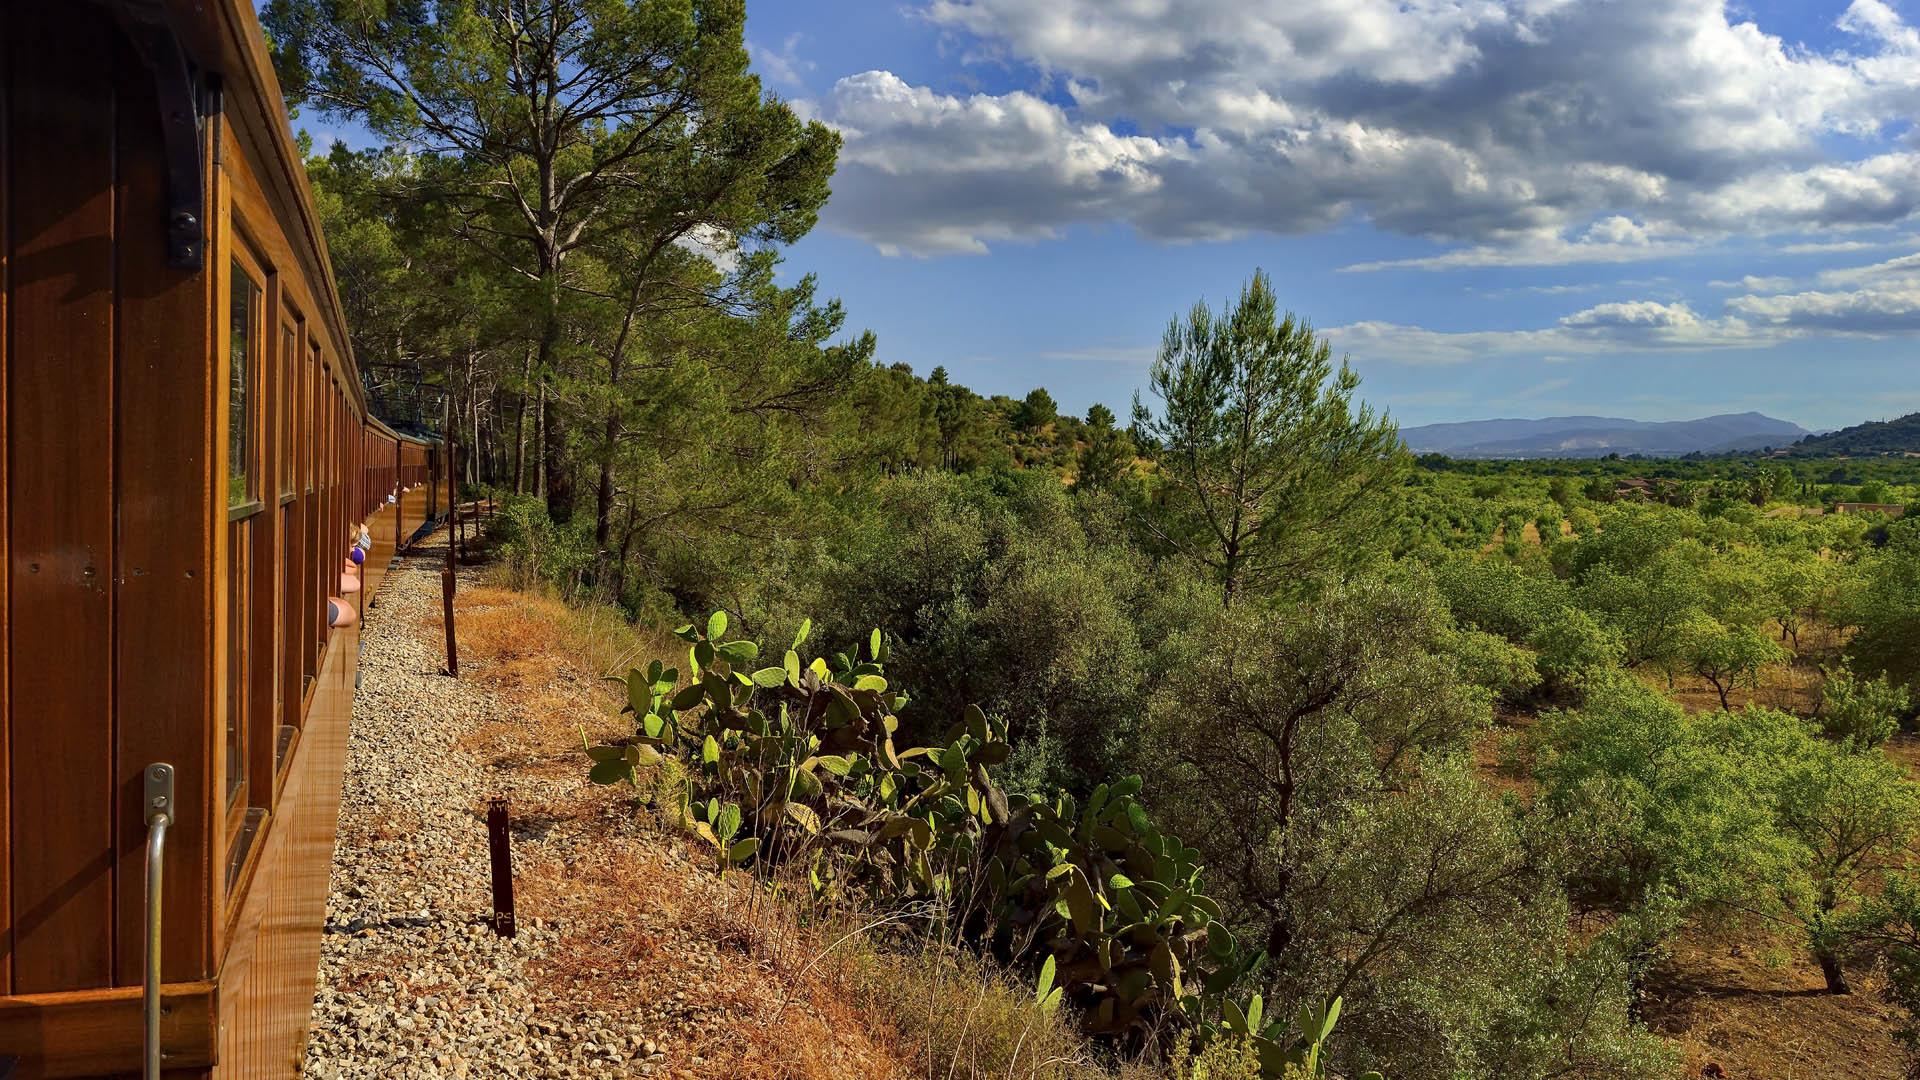 Valle Naranjos AETIB 2 - Paisajes de otoño en Mallorca: Viaje en tren al Valle de los Naranjos de Sóller